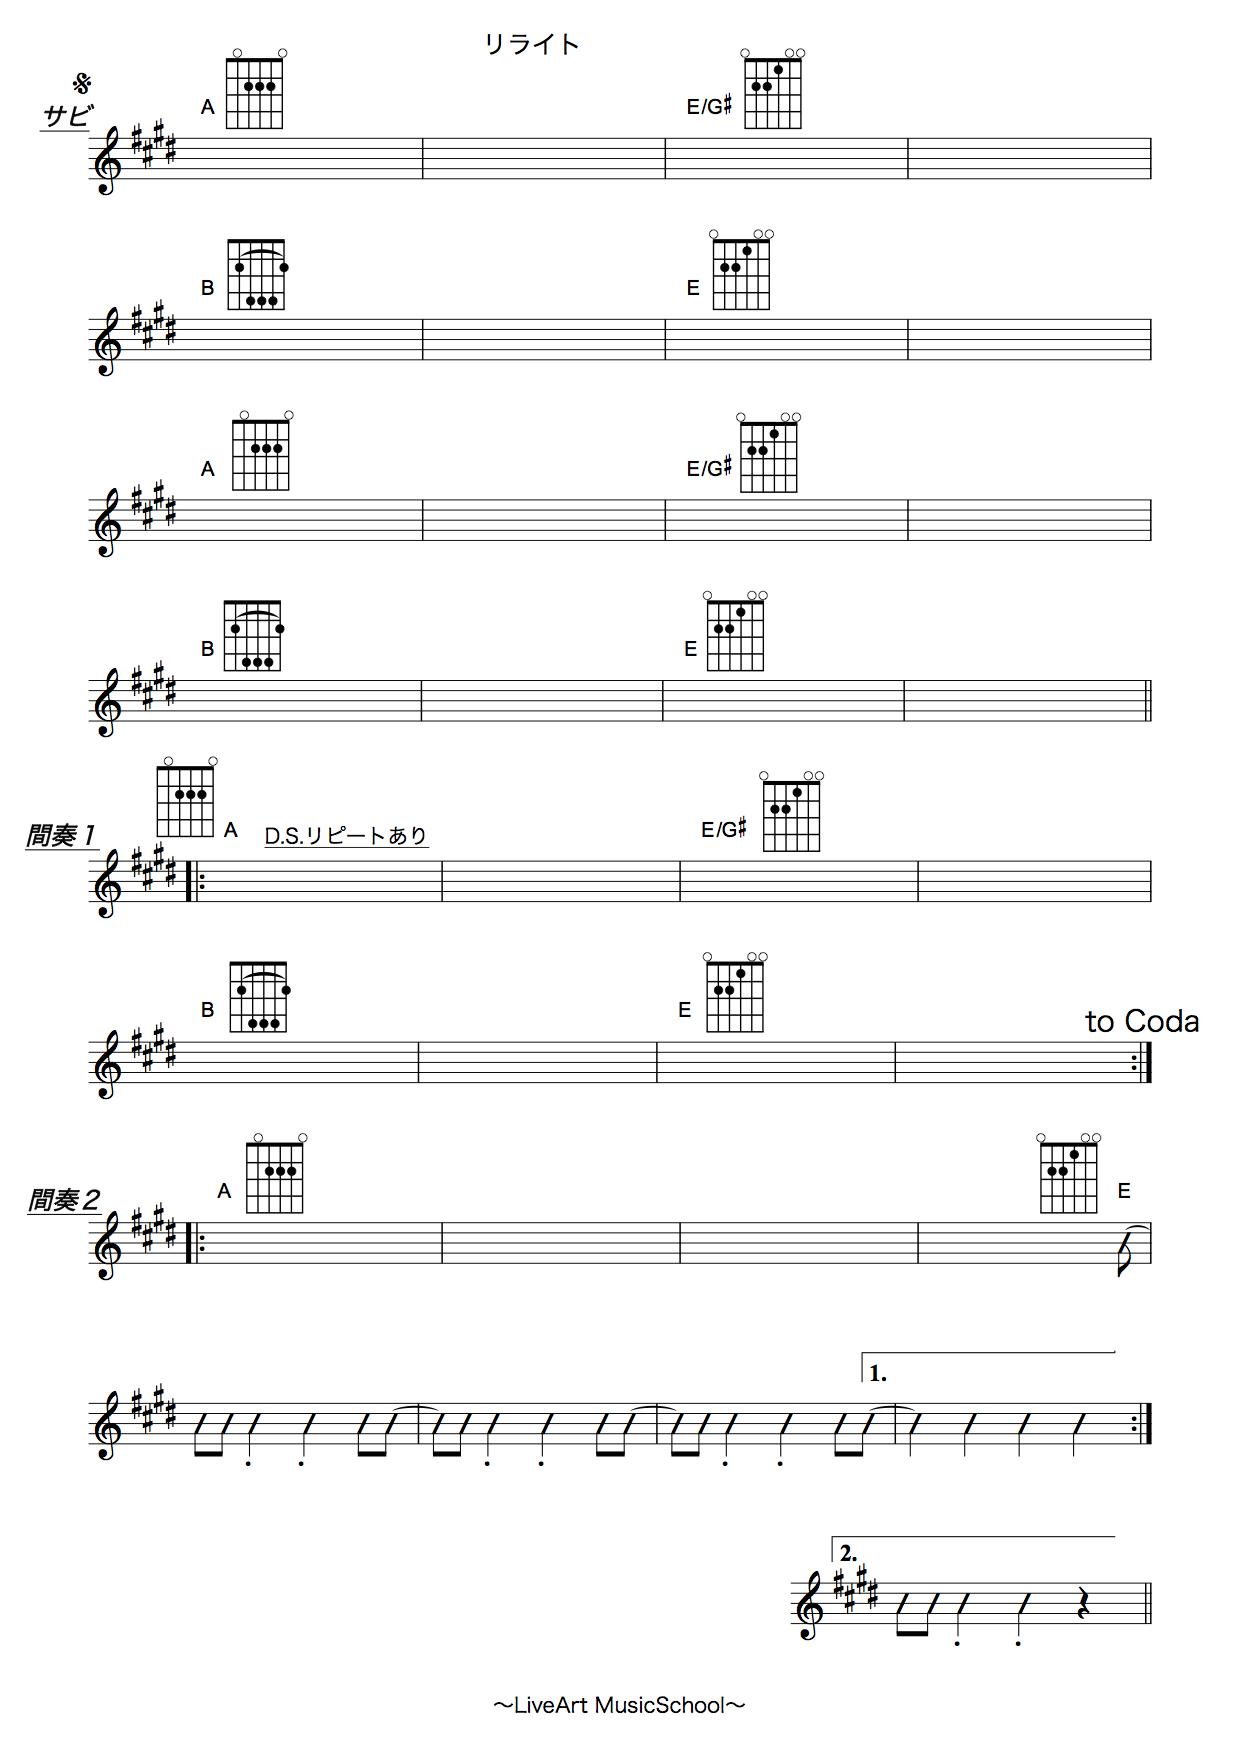 リライト,ギターコード楽譜2